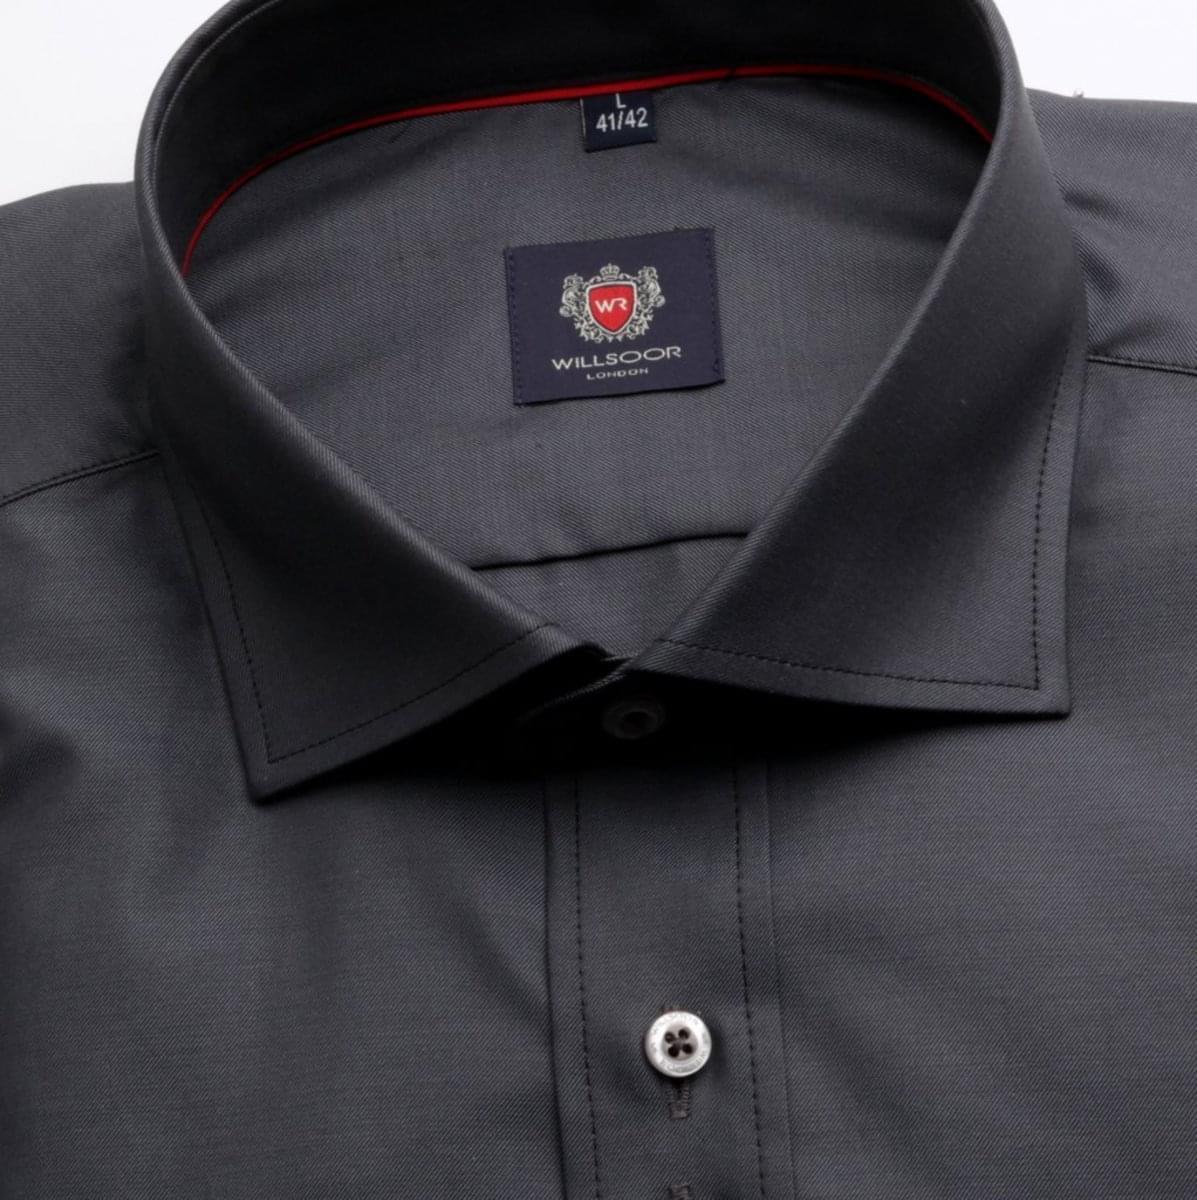 Košile WR London (výška 176-182)3943 176-182 / XL (43/44)